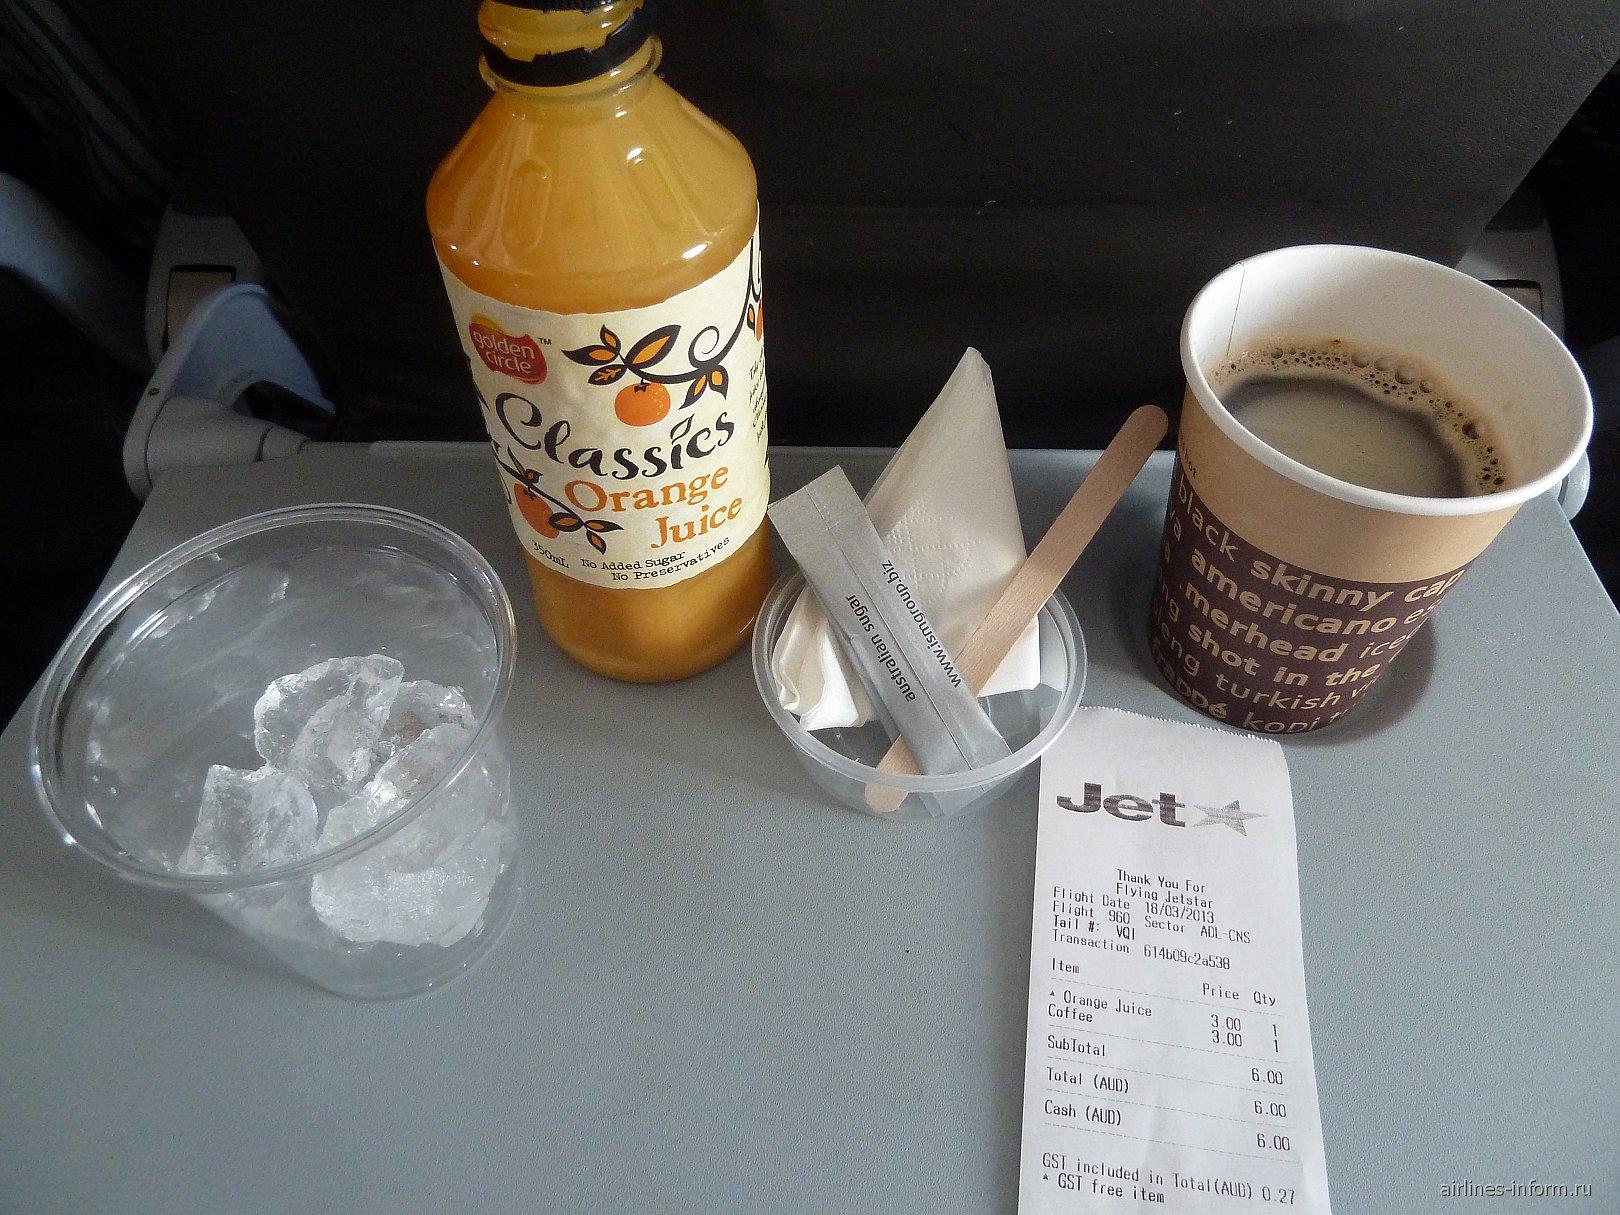 Питание на рейсе австралийской авиакомпании JetStar Airways